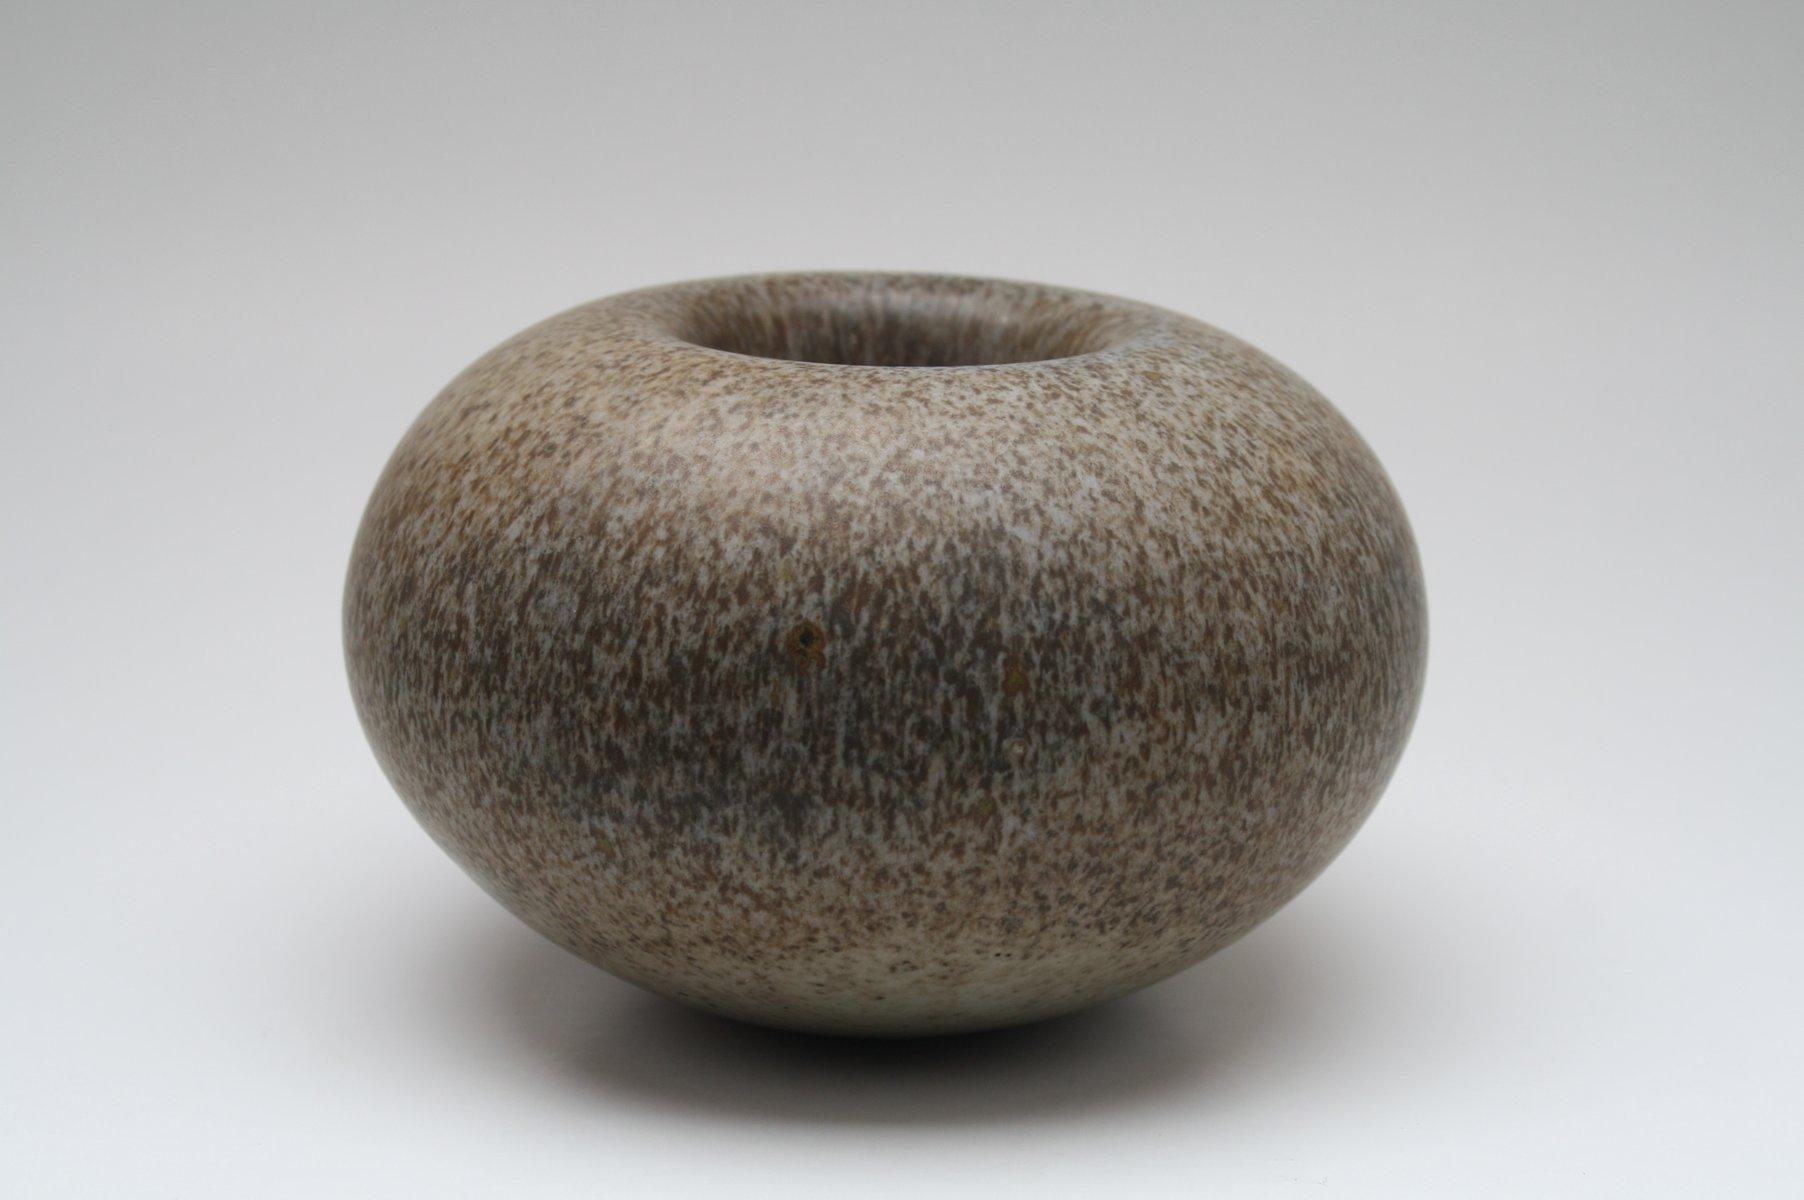 Deutsche Vase aus Keramik von Antje Wiewinner, ...